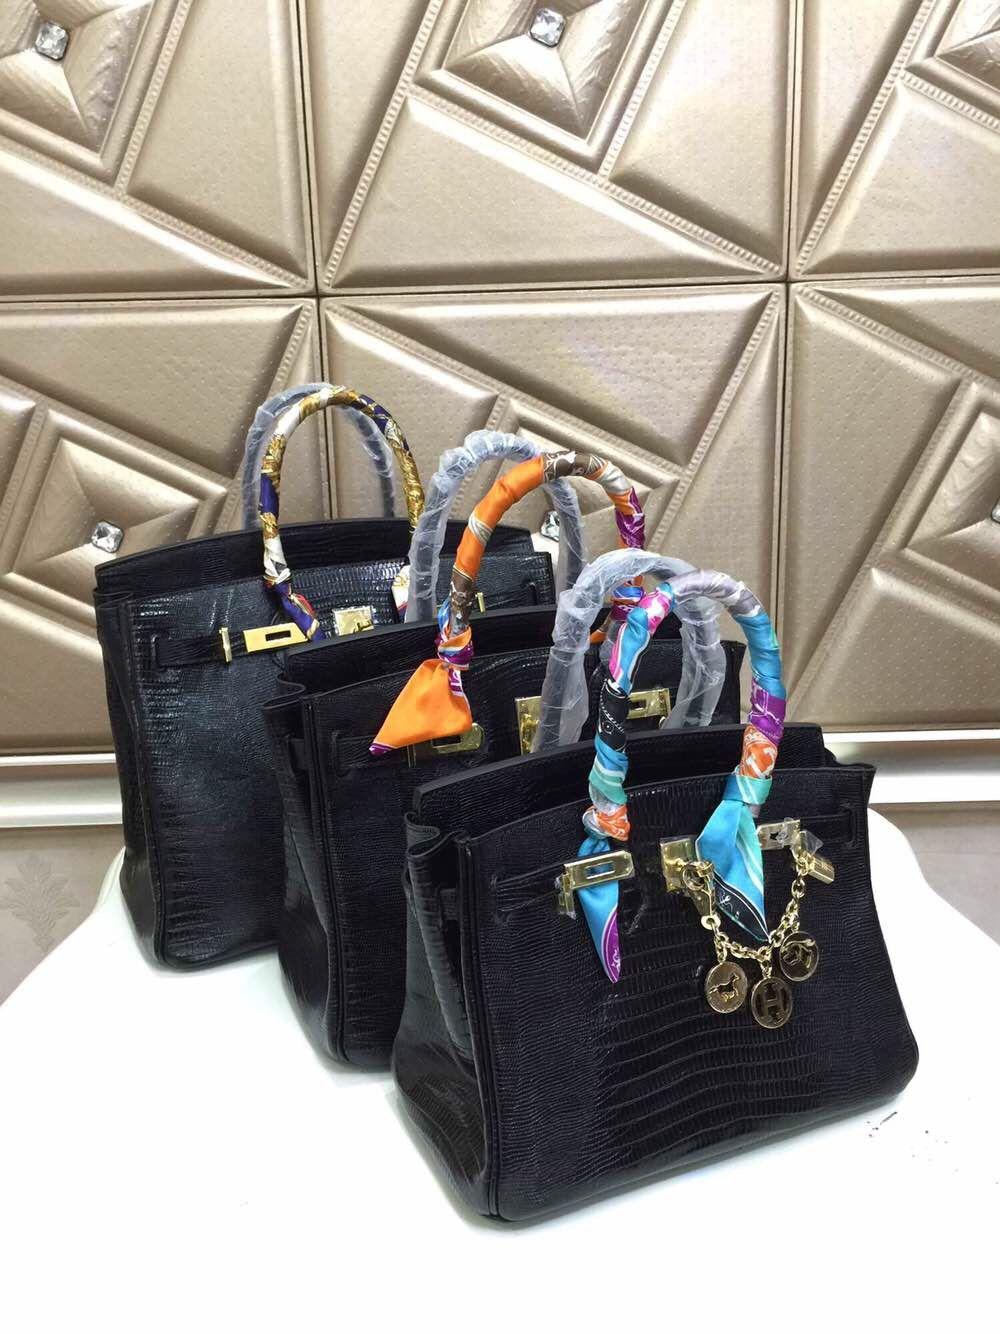 7cd5492138a9 Hermes Birkin 25 30 35 lizard pattern Bag Black